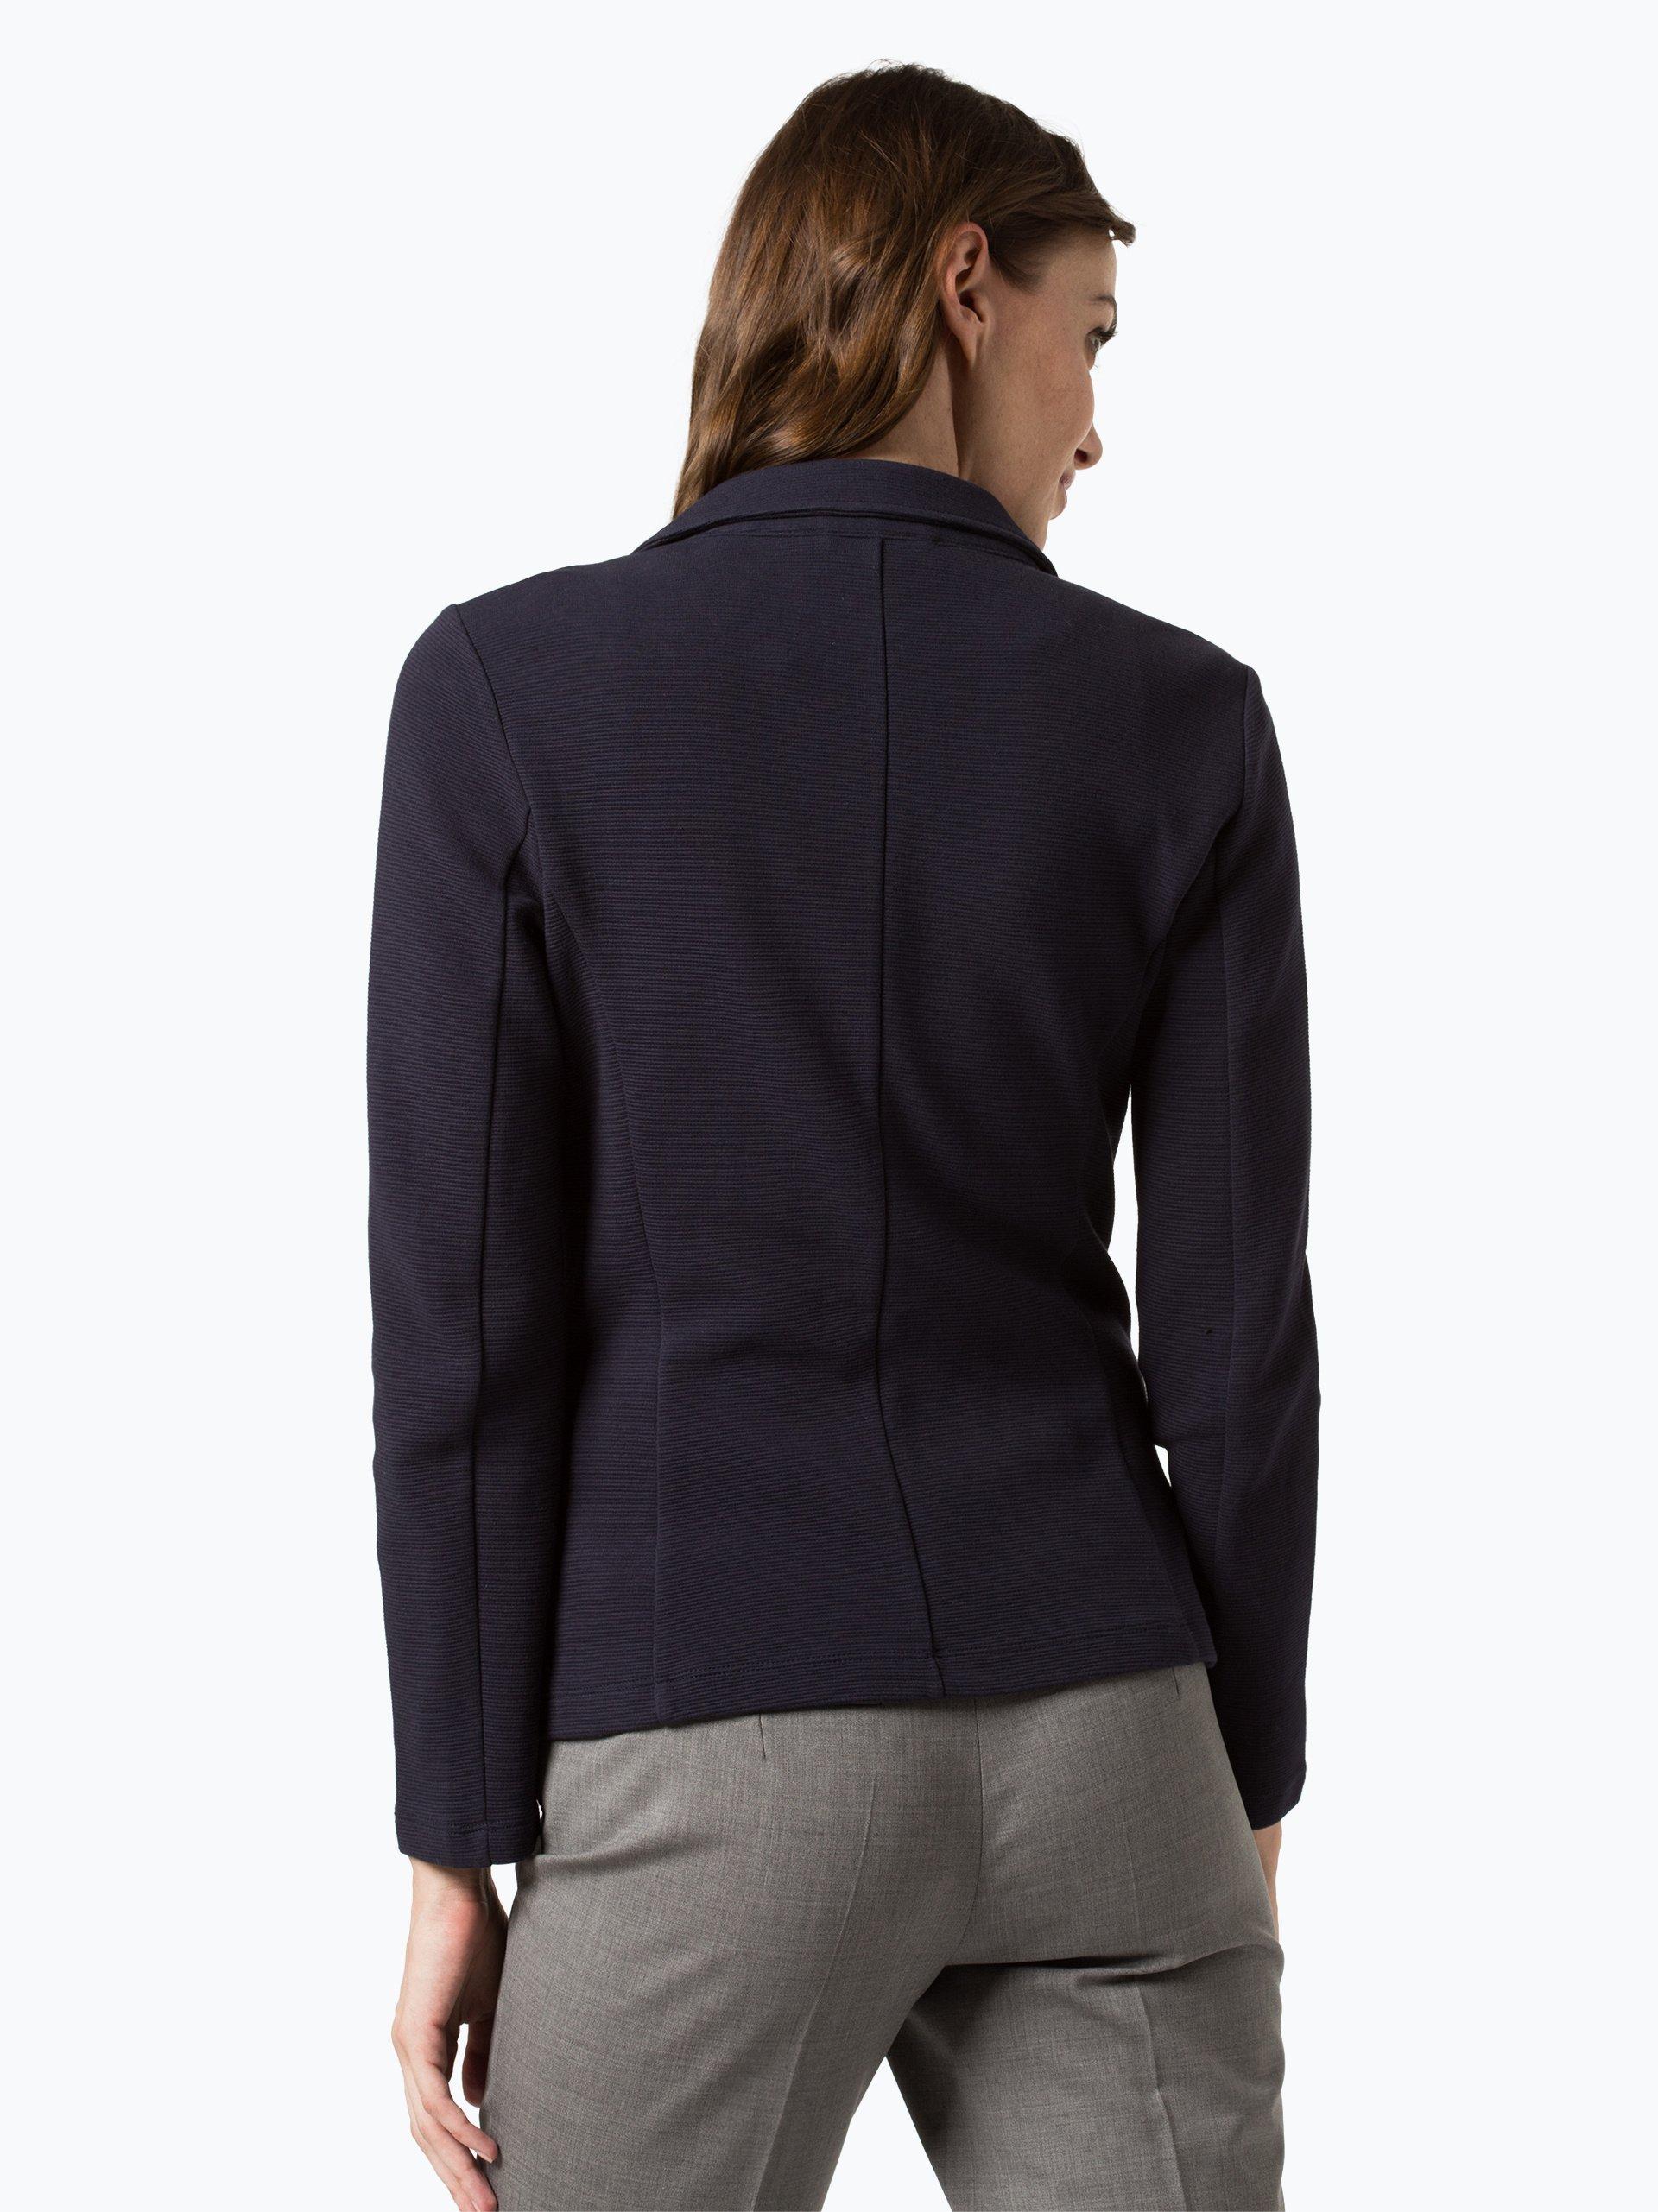 s oliver casual damen blazer 2 online kaufen peek und cloppenburg de. Black Bedroom Furniture Sets. Home Design Ideas